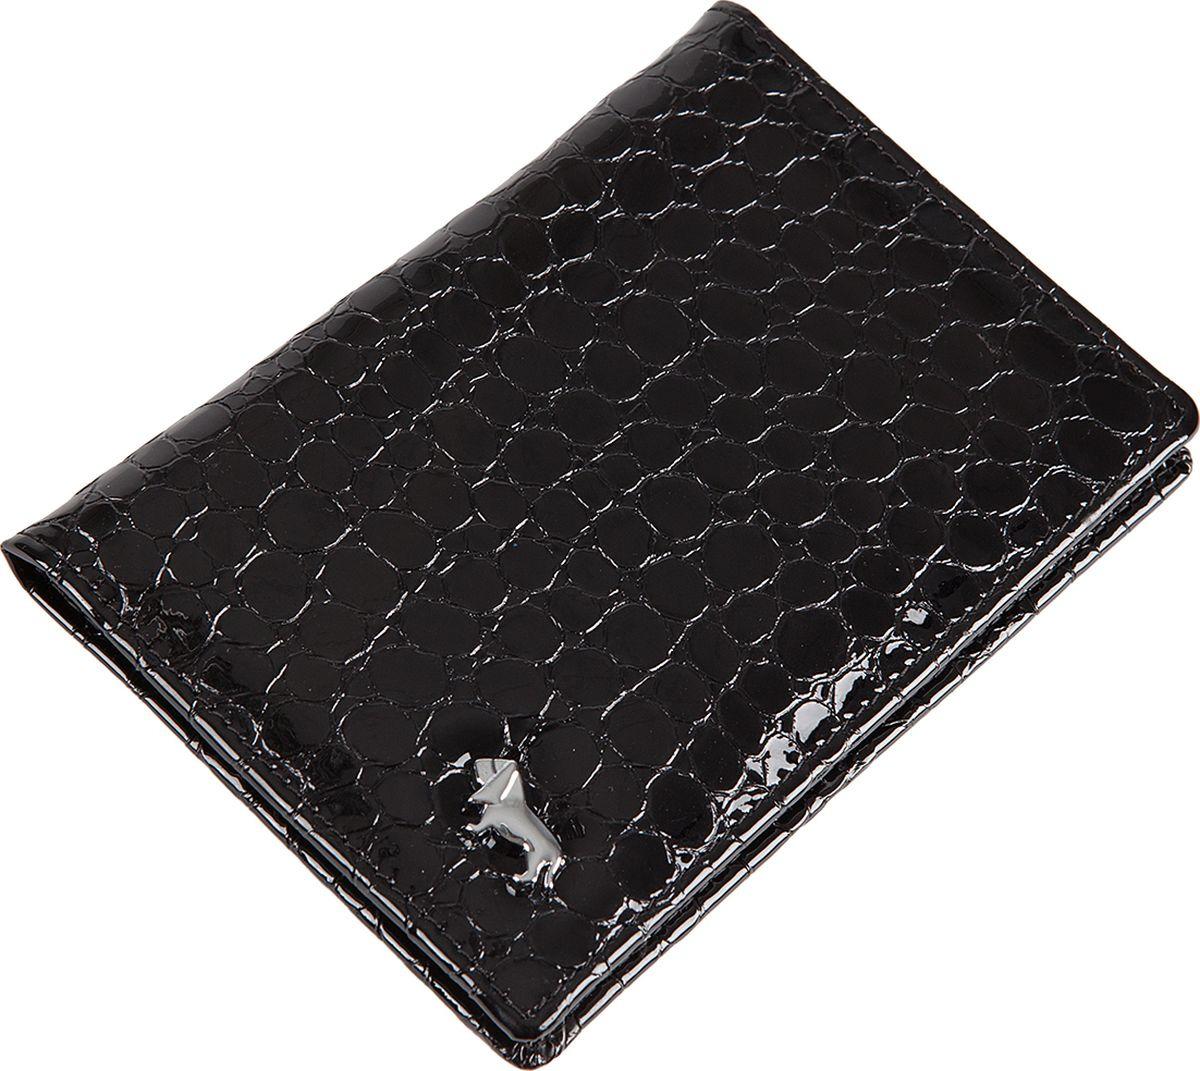 Обложка для документов женская Labbra, L061-0011 black, черный цена